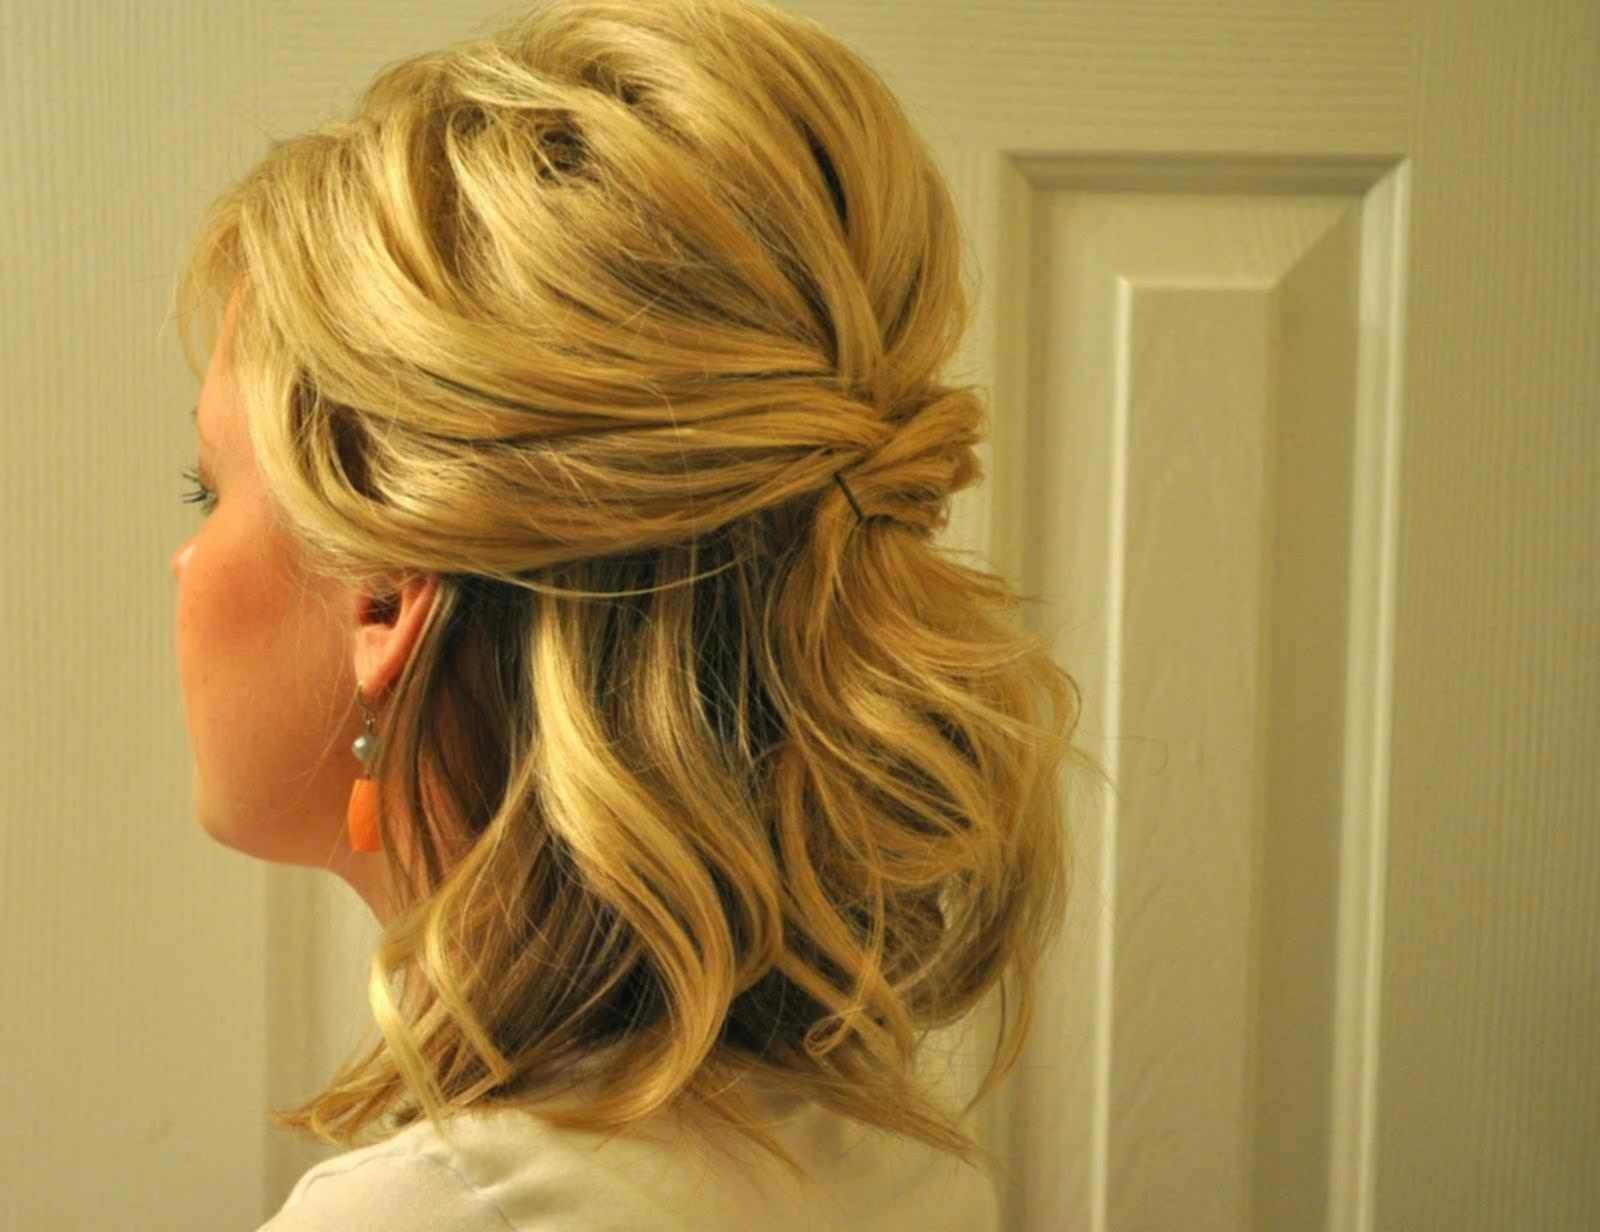 Cute Hair Styles For Medium Hair Cute Prom Hairstyles Half Up Half Inside Half Updo Hairstyles For Medium Hair (View 7 of 15)